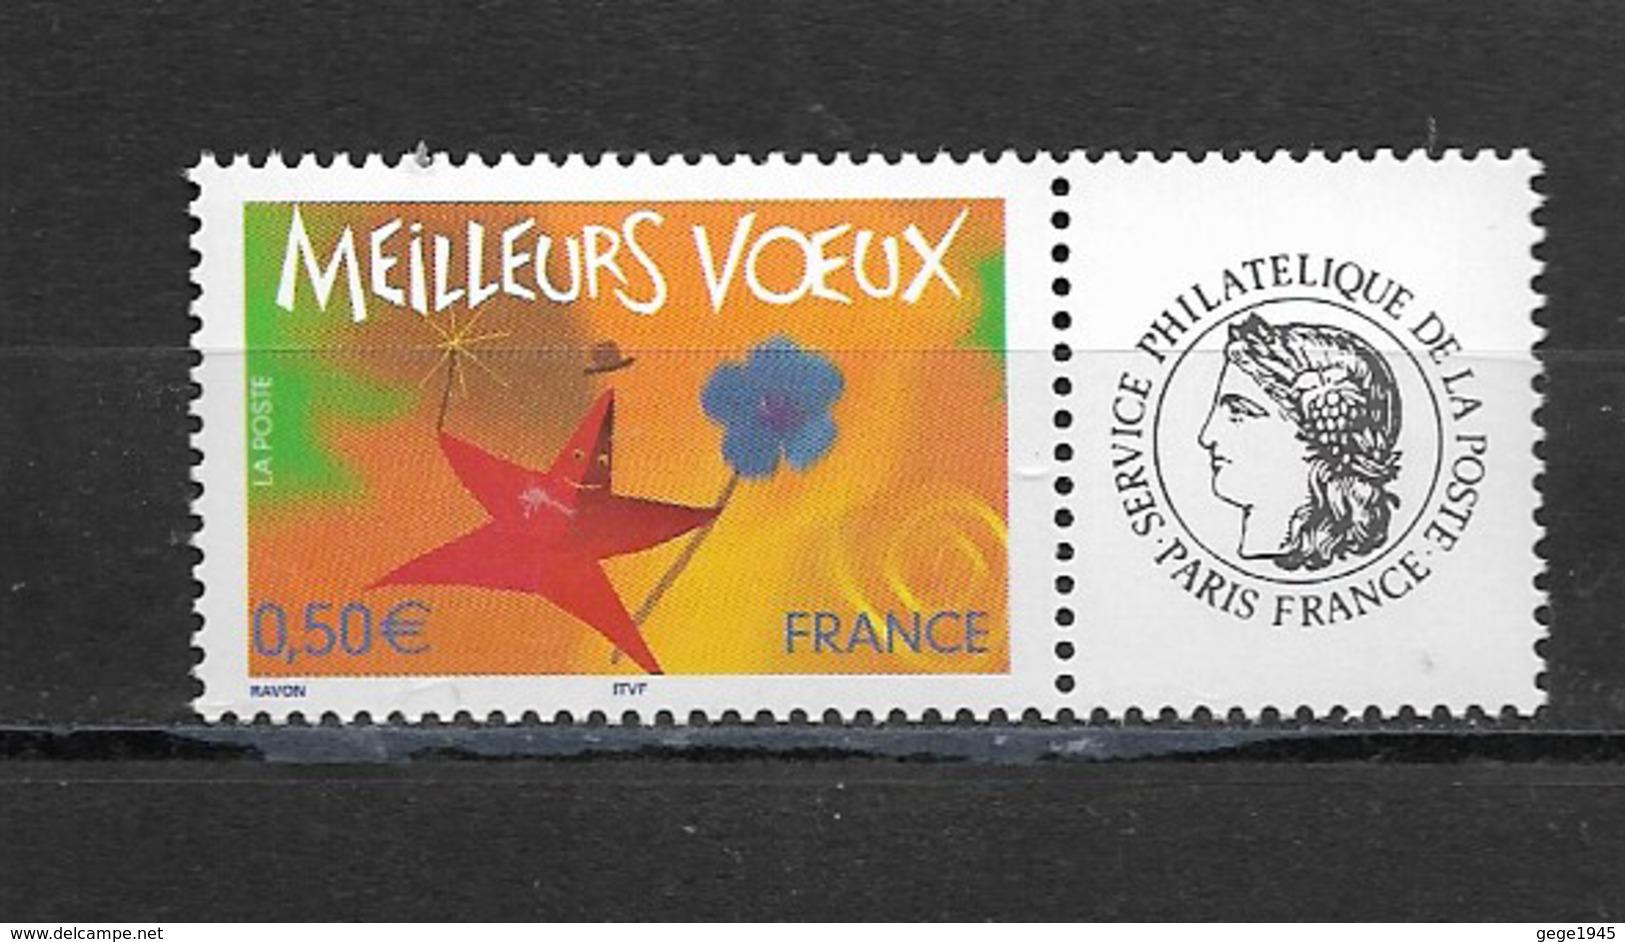 France  2004 Neuf *   Feuillet De 5  Timbres  3724A    Logo  Ceres -  Meilleurs Voeux -  ( Gomme Brillante ) - Personalisiert